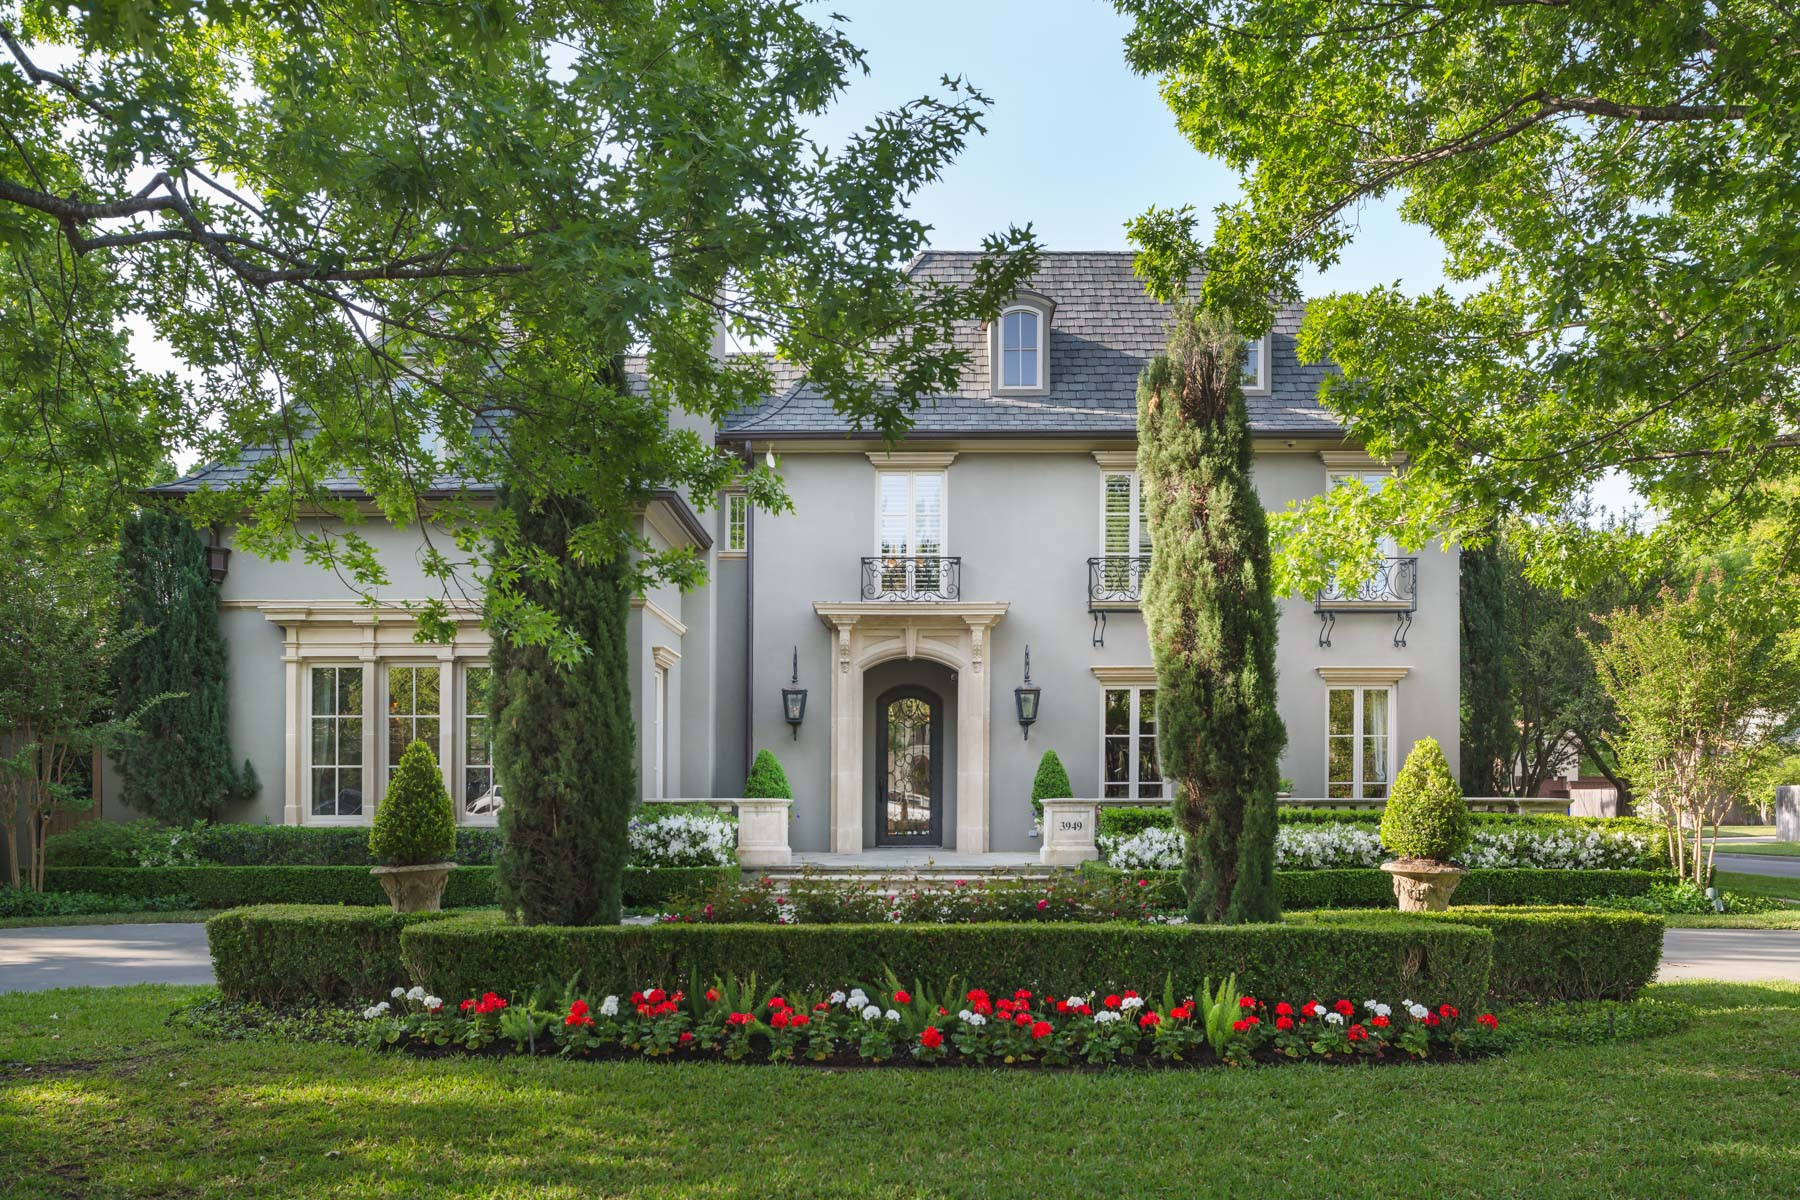 Casa Unifamiliar por un Venta en Classic University Park Home 3949 Marquette St Dallas, Texas, 75225 Estados Unidos